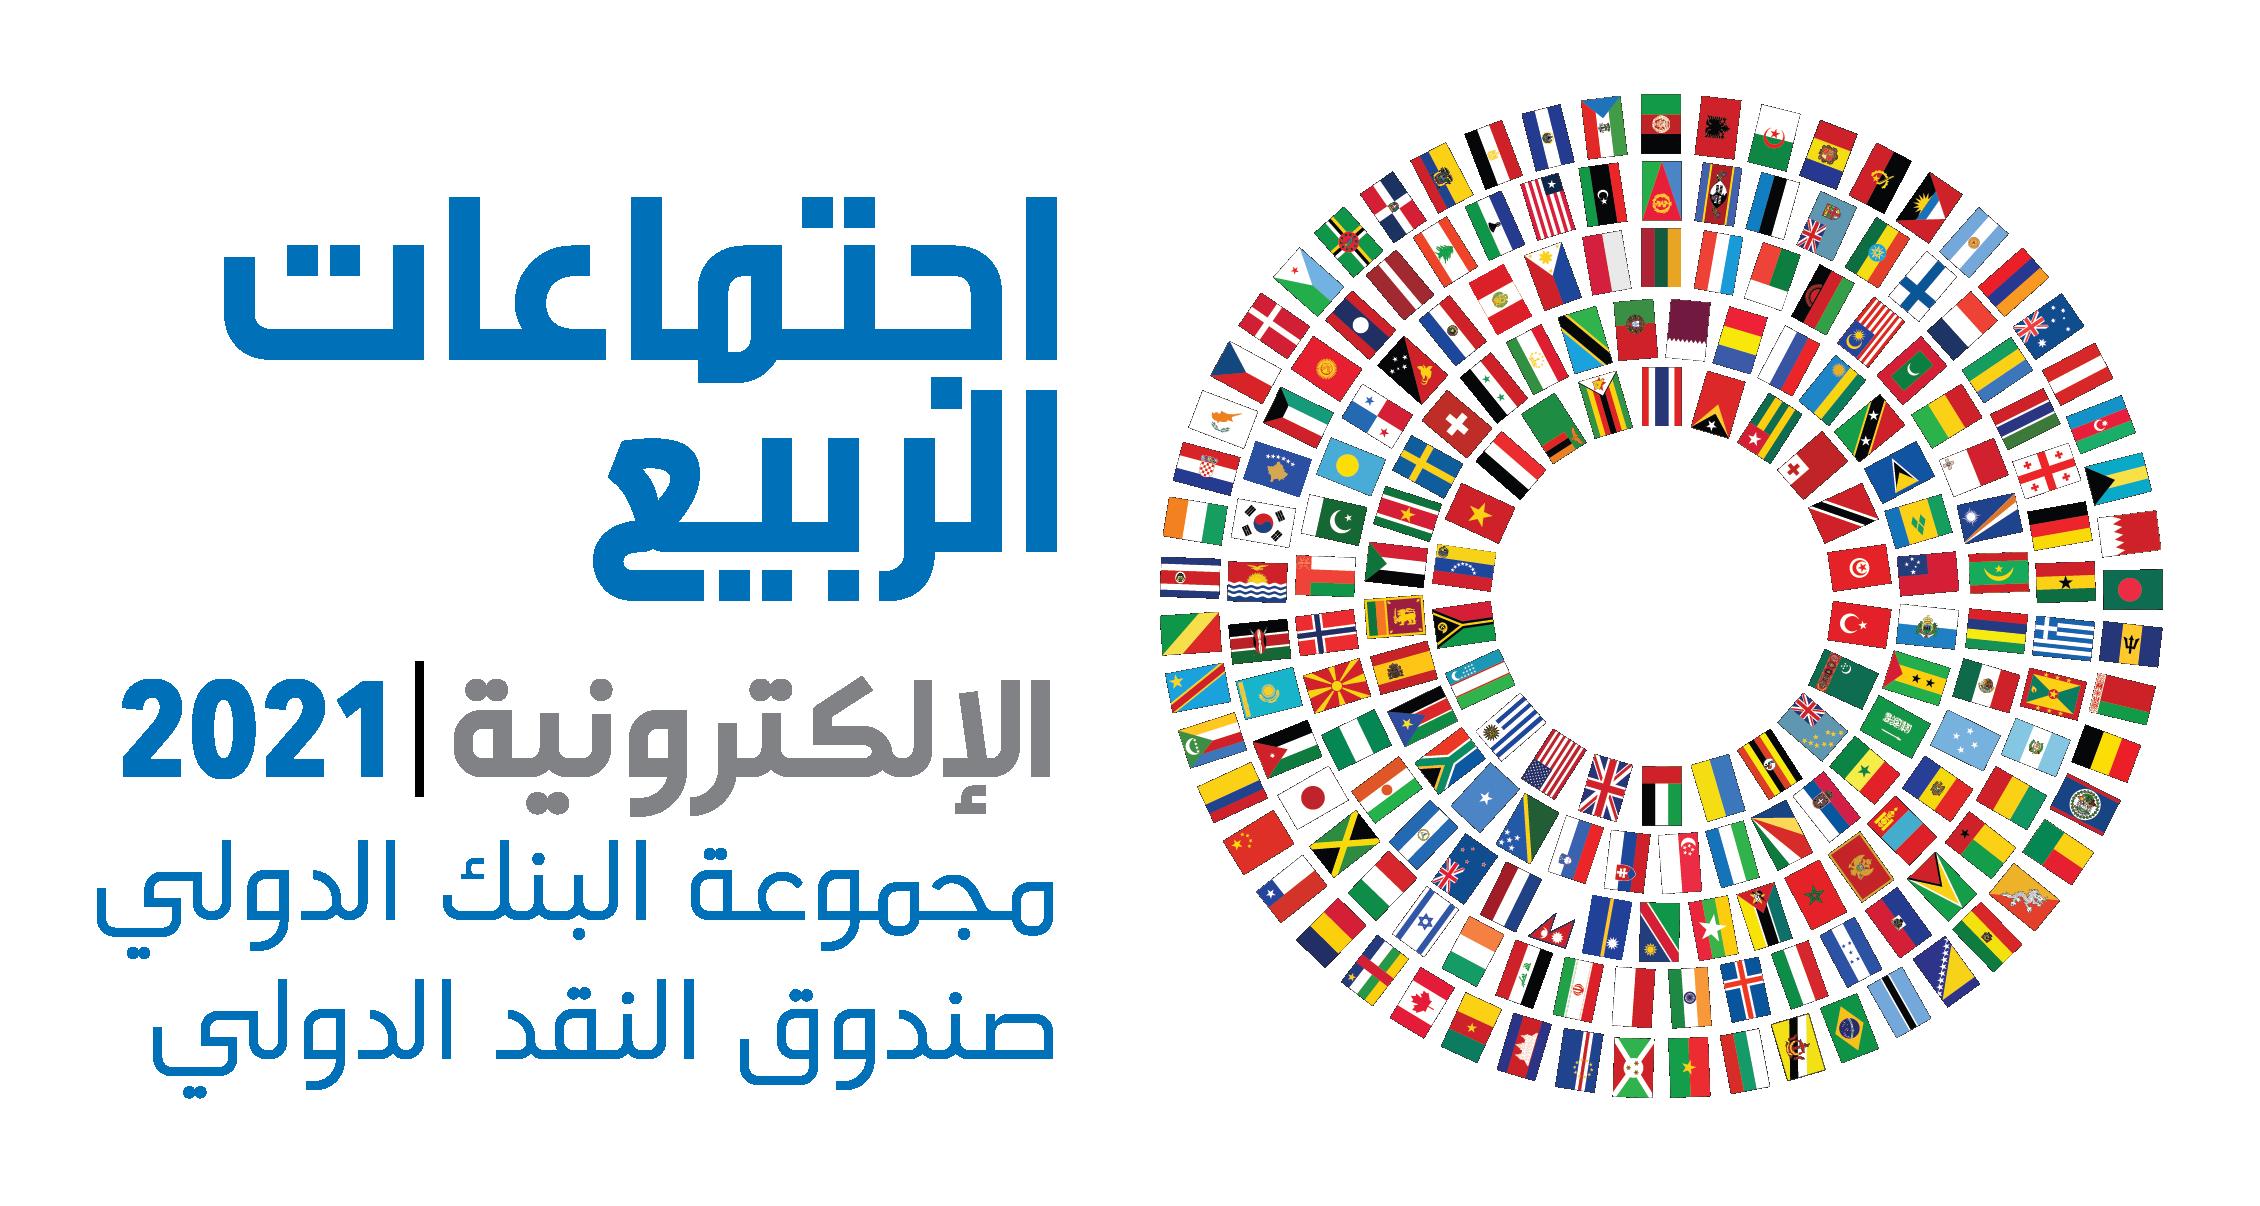 شعار  اجتماعات الربيع 2021